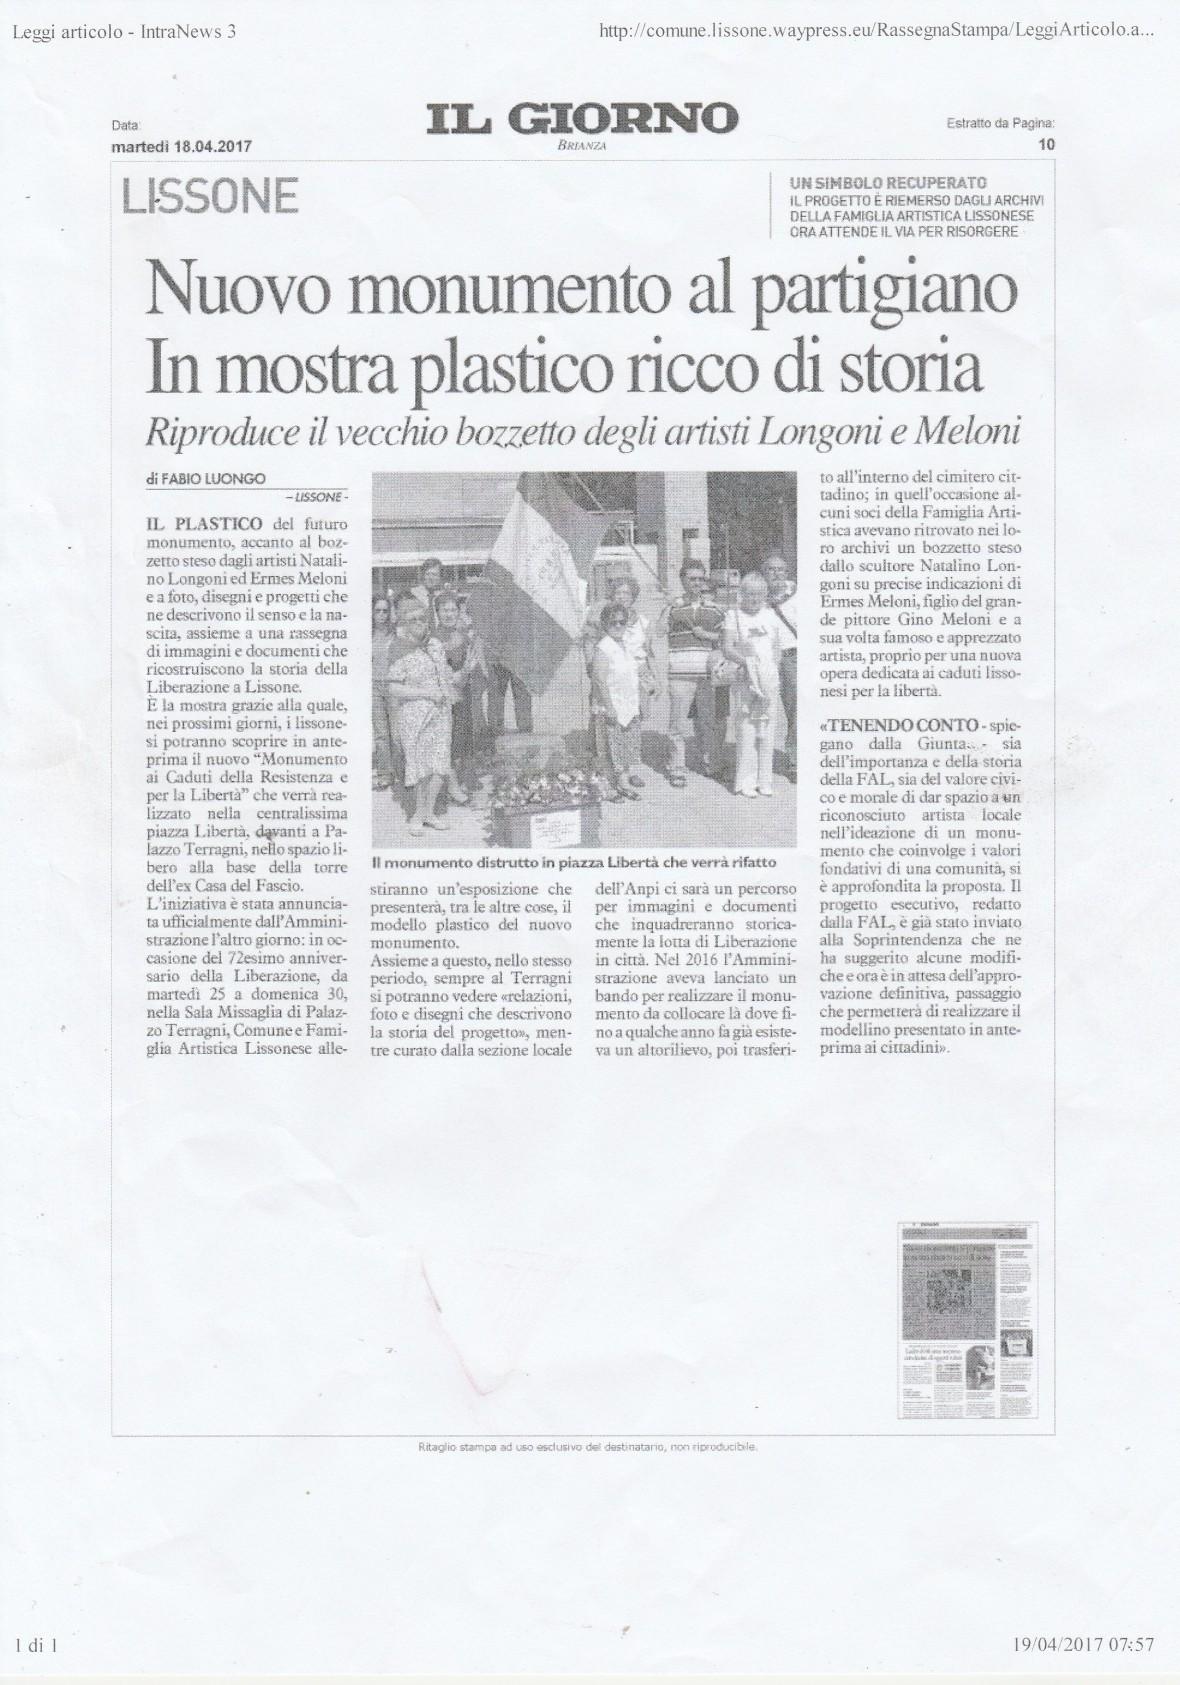 ARTICOLO FAL-MONUMENTO SU IL GIORNO